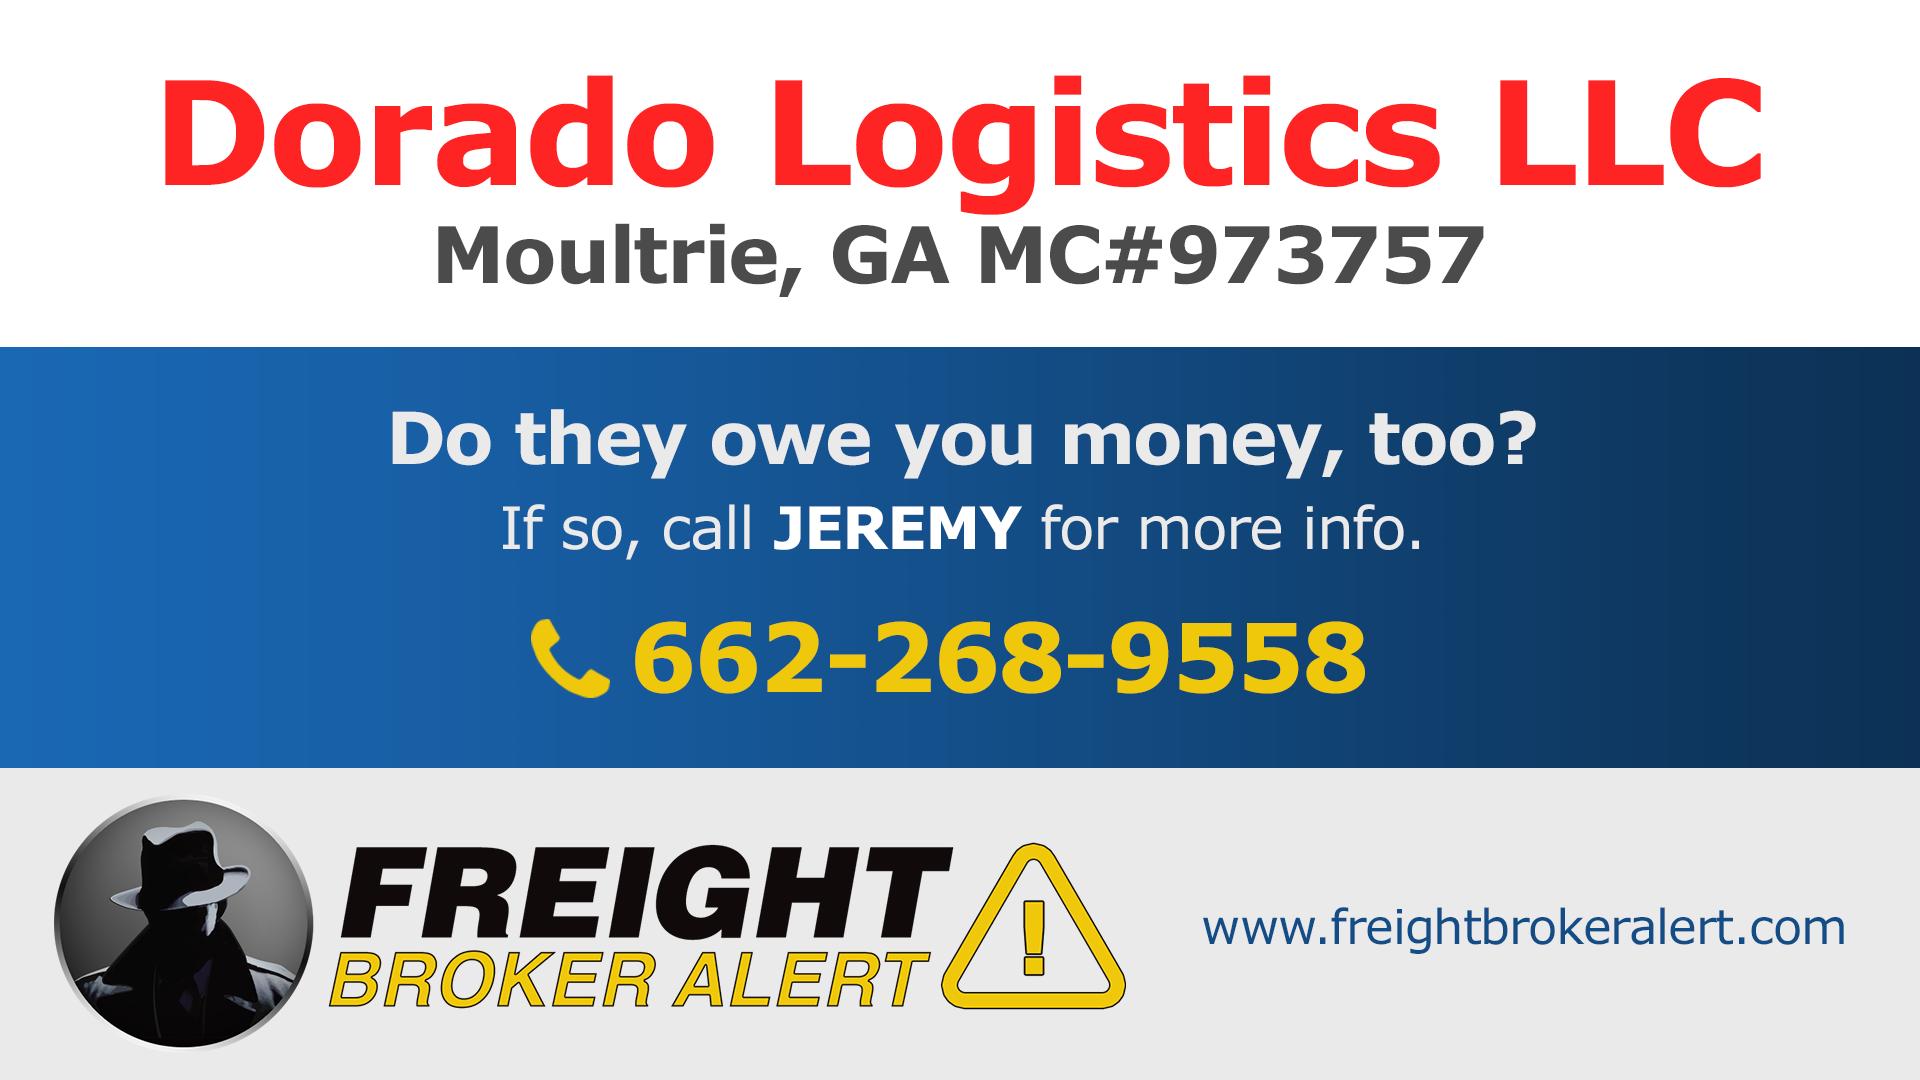 Dorado Logistics LLC Georgia